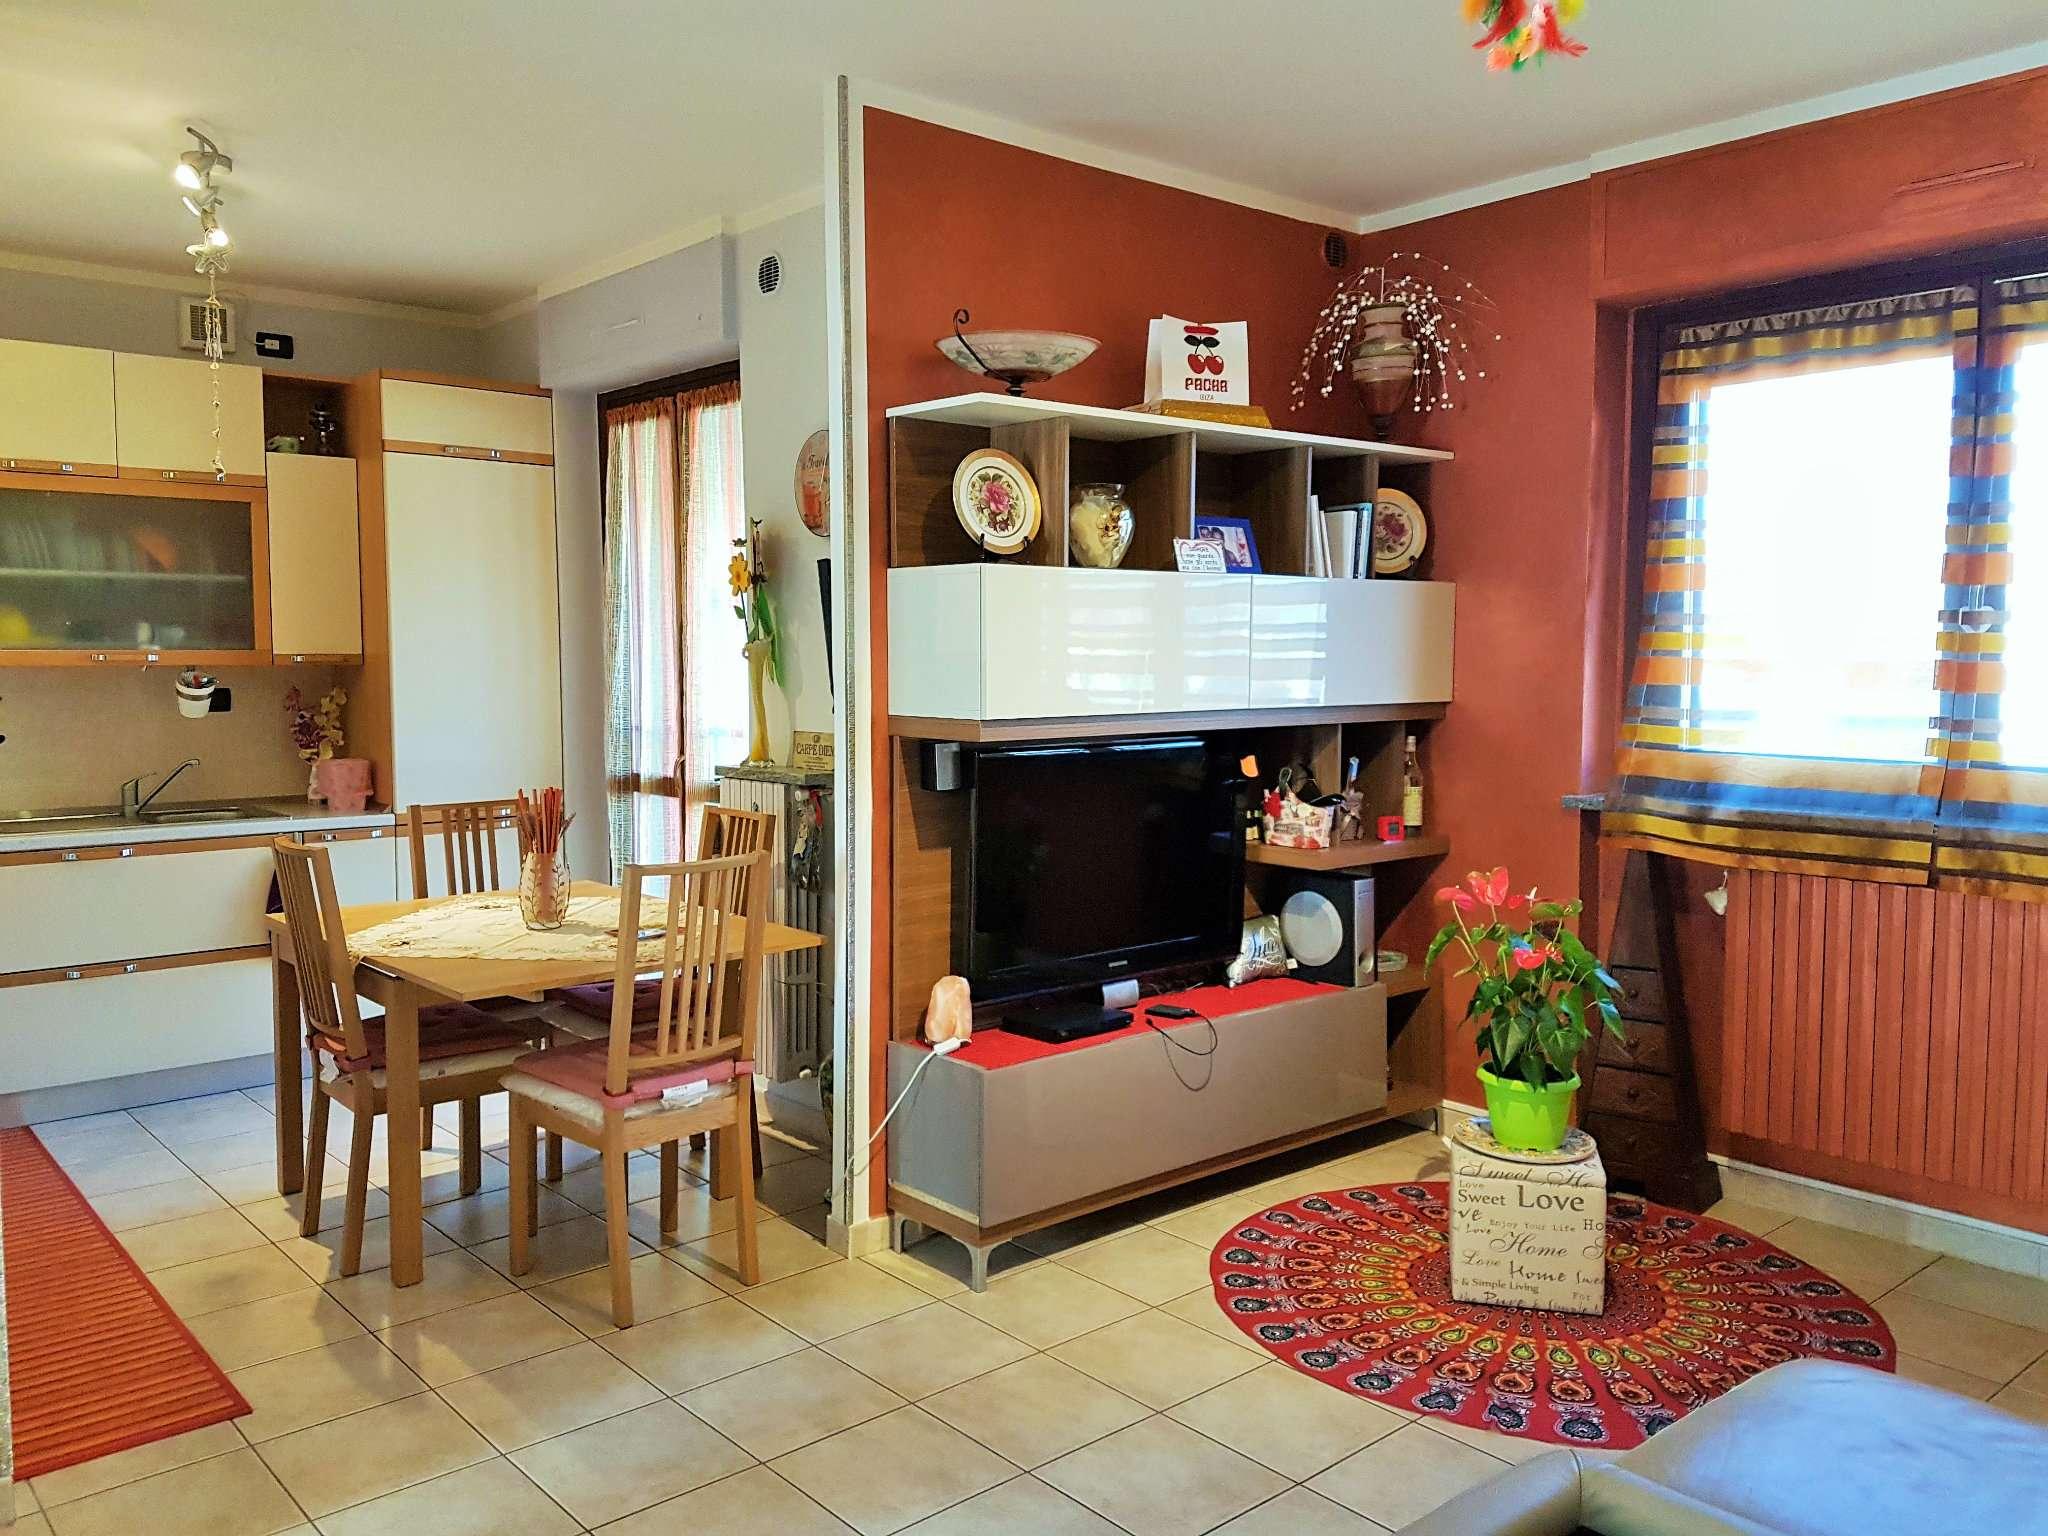 Appartamento in vendita a Caselle Torinese, 4 locali, prezzo € 155.000 | CambioCasa.it